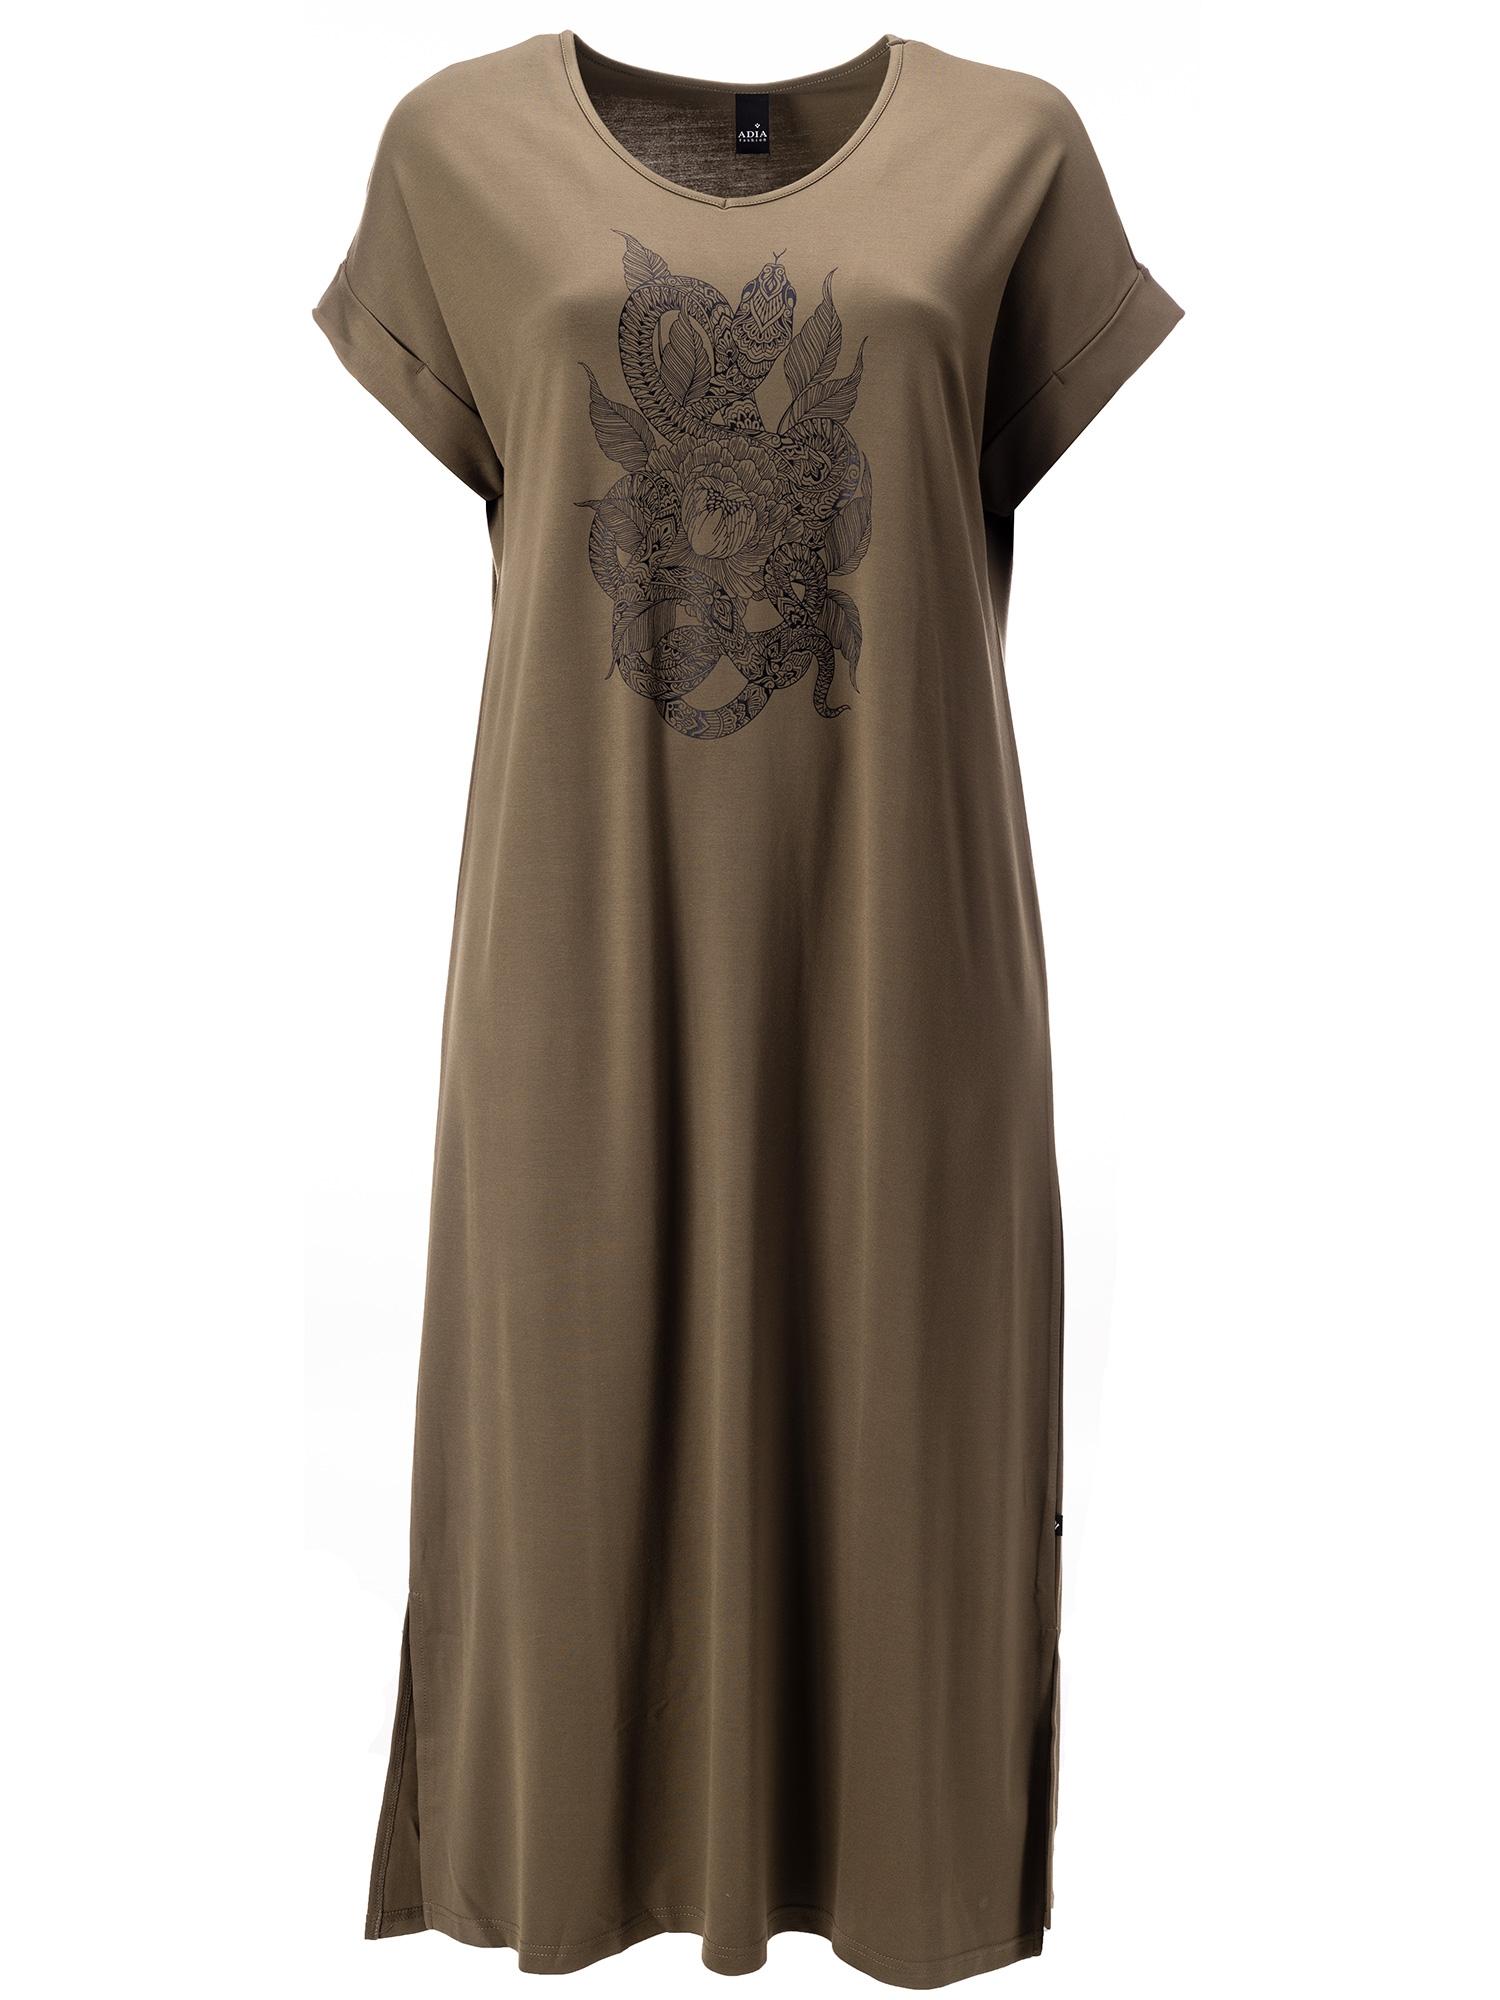 Adia Lang armygrøn kjole i viskosejersey , 46-48 / M